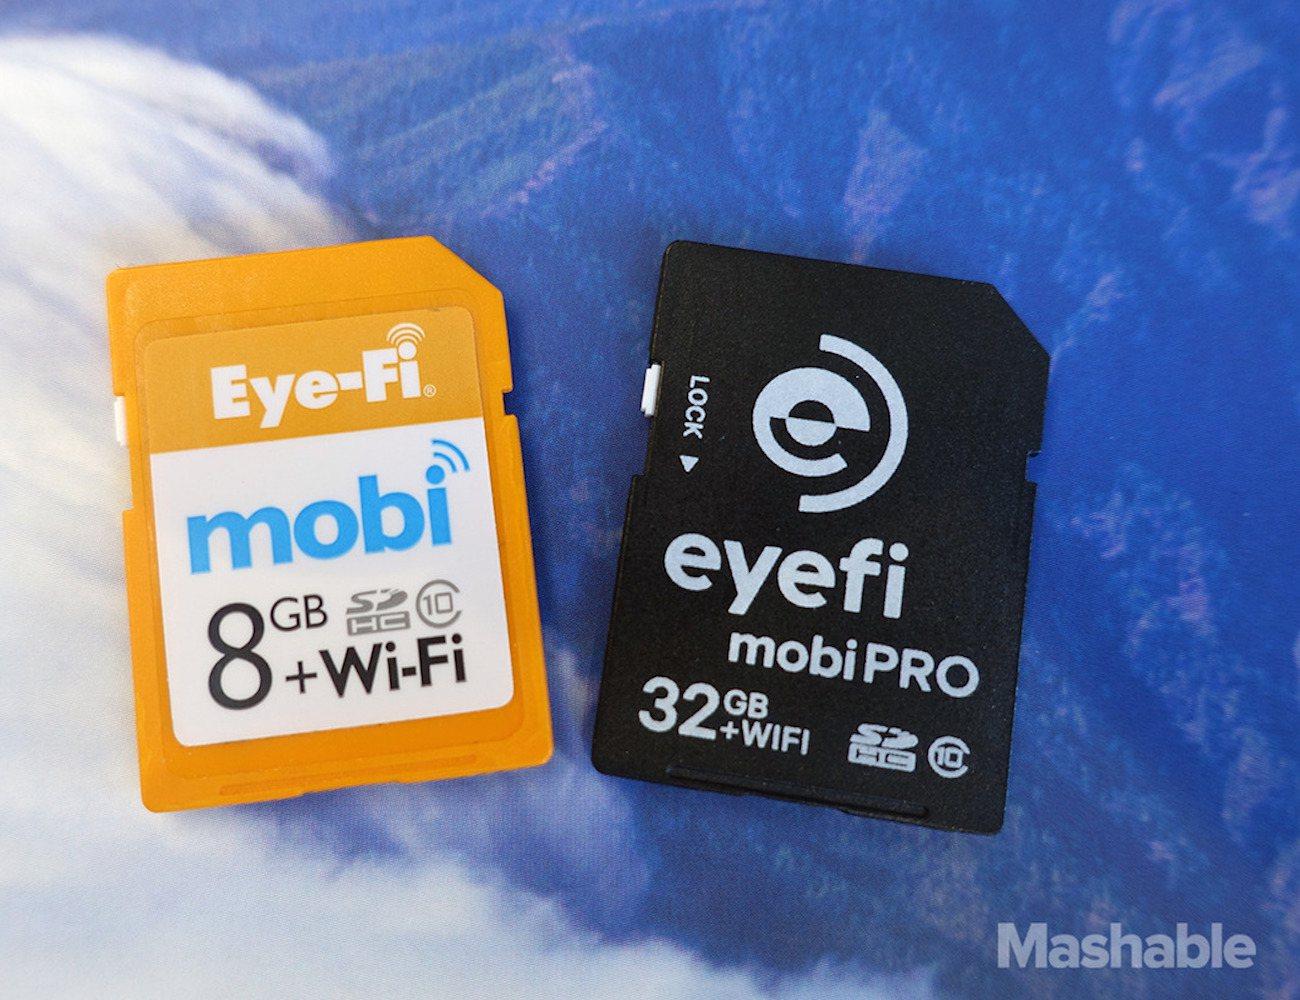 Eyefi Mobi Pro SD Card